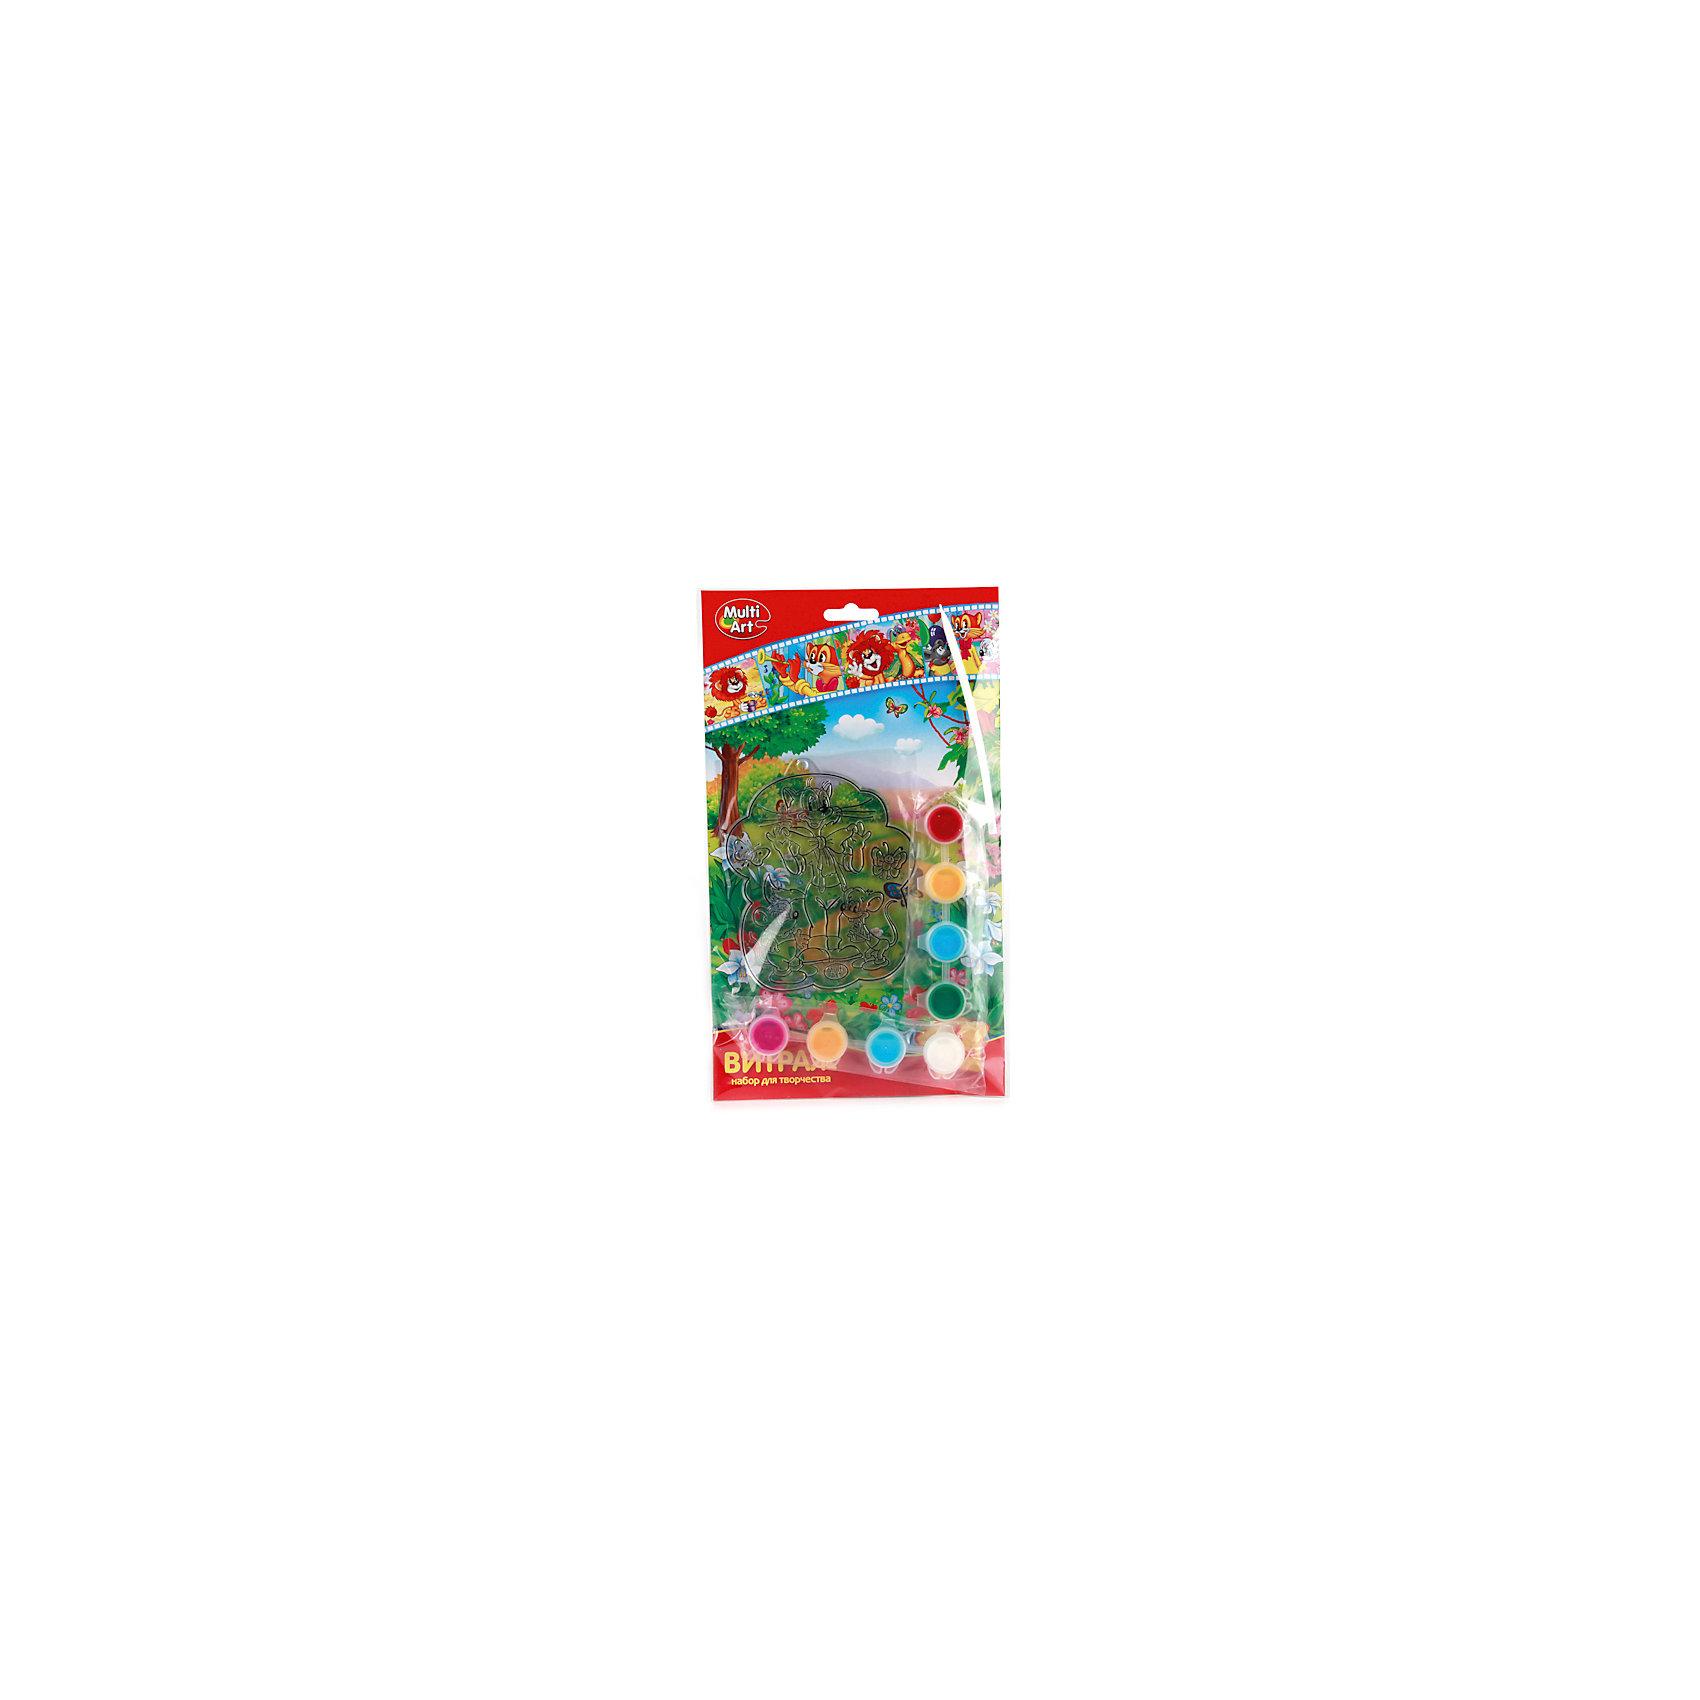 Витраж с красками и кистью, Союзмультфильм, в ассортиментеС витражным набором Союзмультфильм ребенок сможет создать яркую картинку с любимым персонажем. Краски легко наносятся на основу с помощью кисточки, входящей в комплект. В этом наборе есть все для развития воображения и хорошего настроения ht,tyrf!<br>Дополнительная информация:<br>-в наборе: основа, 8 баночек с краской, кисточка<br>Сказочный персонаж: герои Союзмультфильма<br>-вес: 90 грамм<br>-размер упаковки: 17х28х2 см<br>Набор Союзмультфильм вы можете приобрести в нашем интернет-магазине.<br><br>Ширина мм: 20<br>Глубина мм: 280<br>Высота мм: 170<br>Вес г: 90<br>Возраст от месяцев: 36<br>Возраст до месяцев: 84<br>Пол: Унисекс<br>Возраст: Детский<br>SKU: 4915466